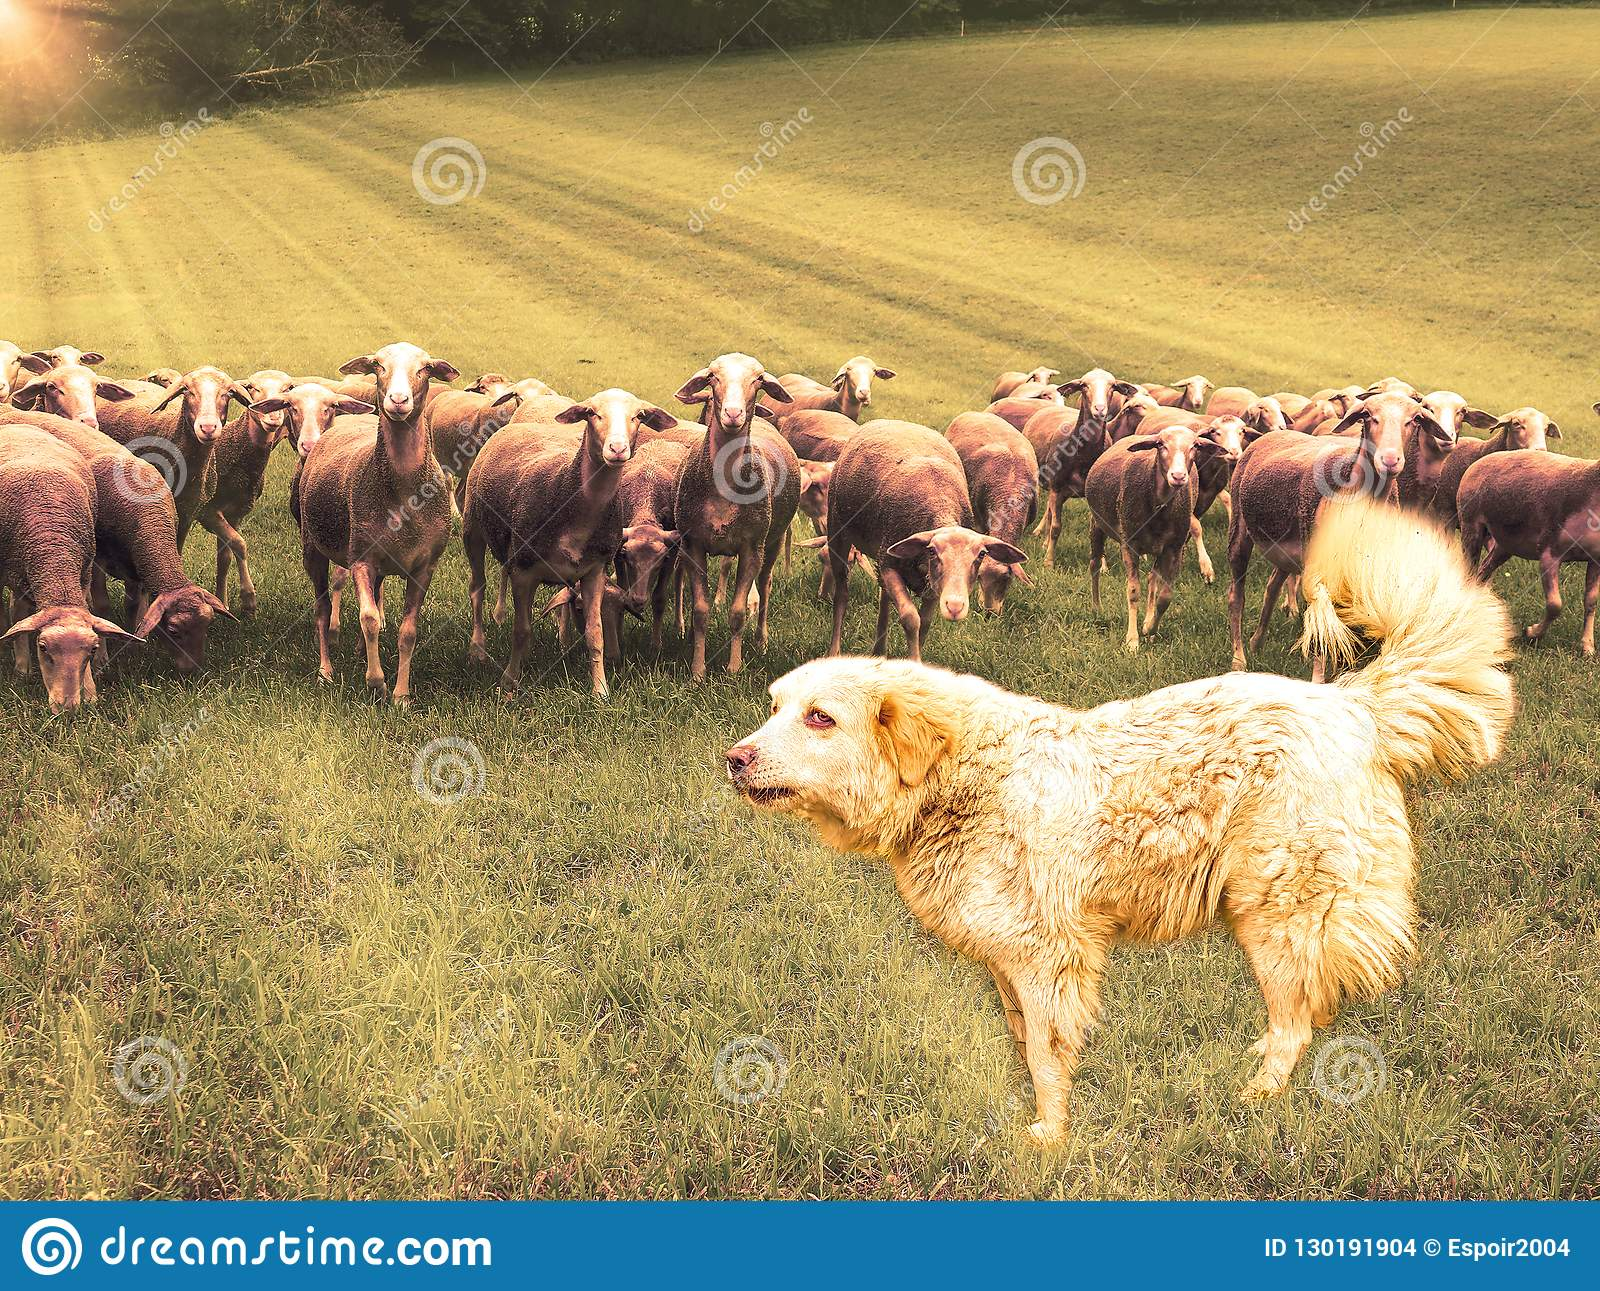 Große Pyrenäen-Hund Patou und Gruppe Schafe auf dem Feld in den Strahlen des aufgehende Sonne